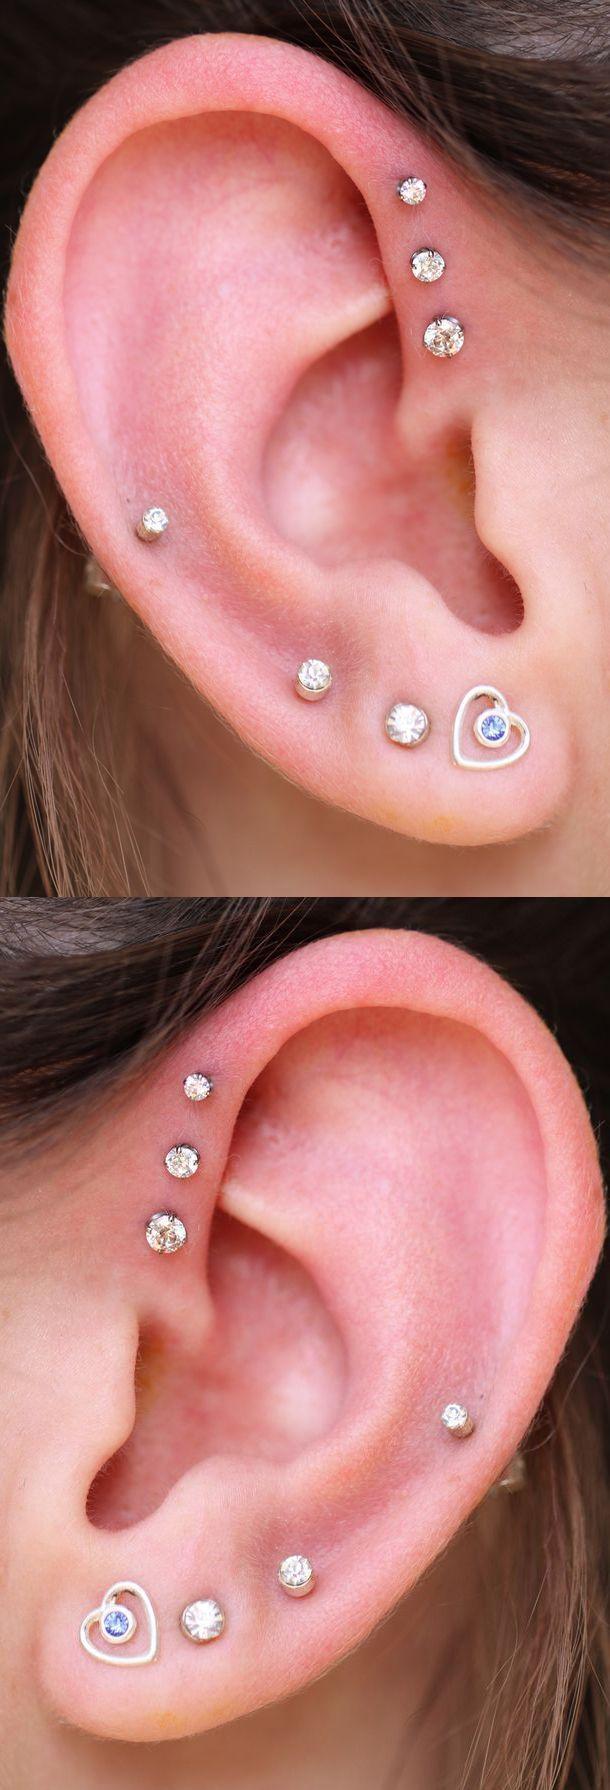 Cute Ear Piercing Ideas at MyBodiArt.com - Alva Crystal Triple Helix Piercing Studs Silver 16G - Heart Earring